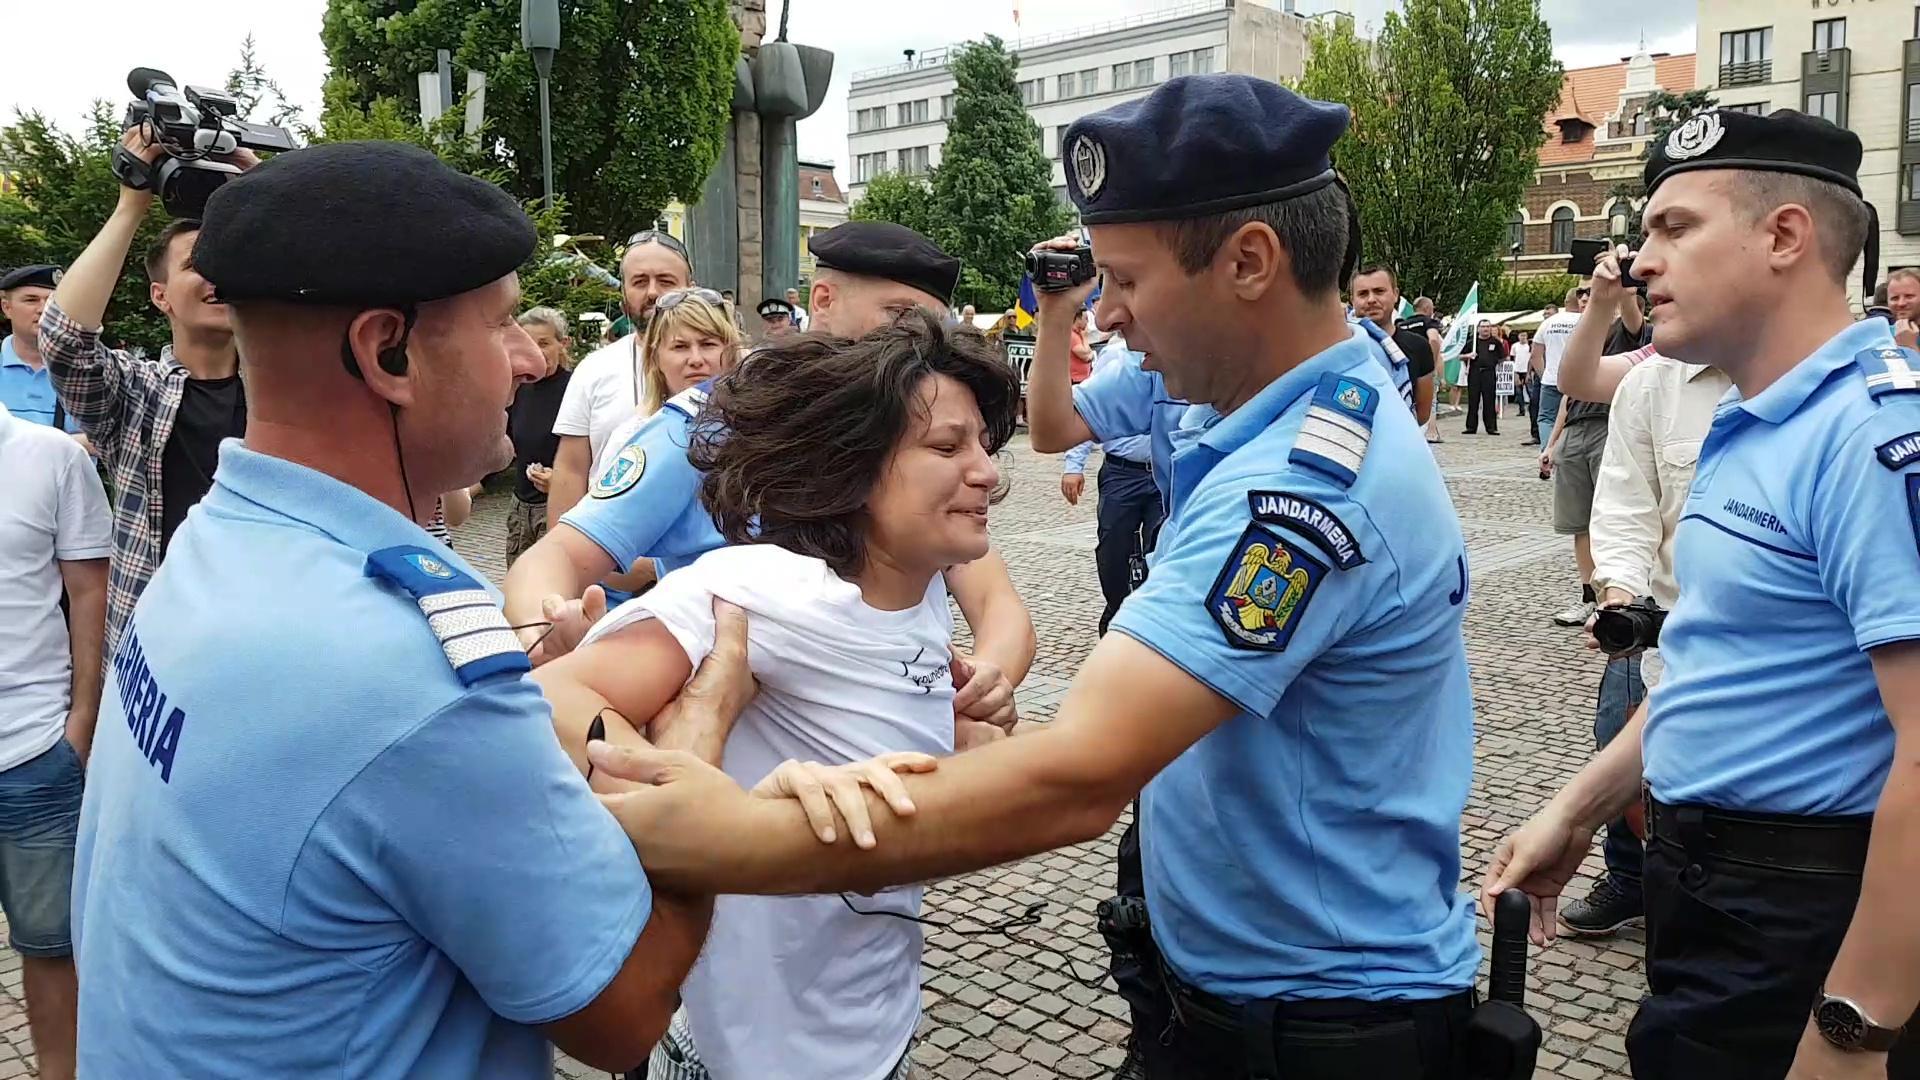 Cluj: Actrița Oana Mardare, agresată de jandarmi la mitingul ANTI gay, organizat de Noua Dreaptă - VIDEO